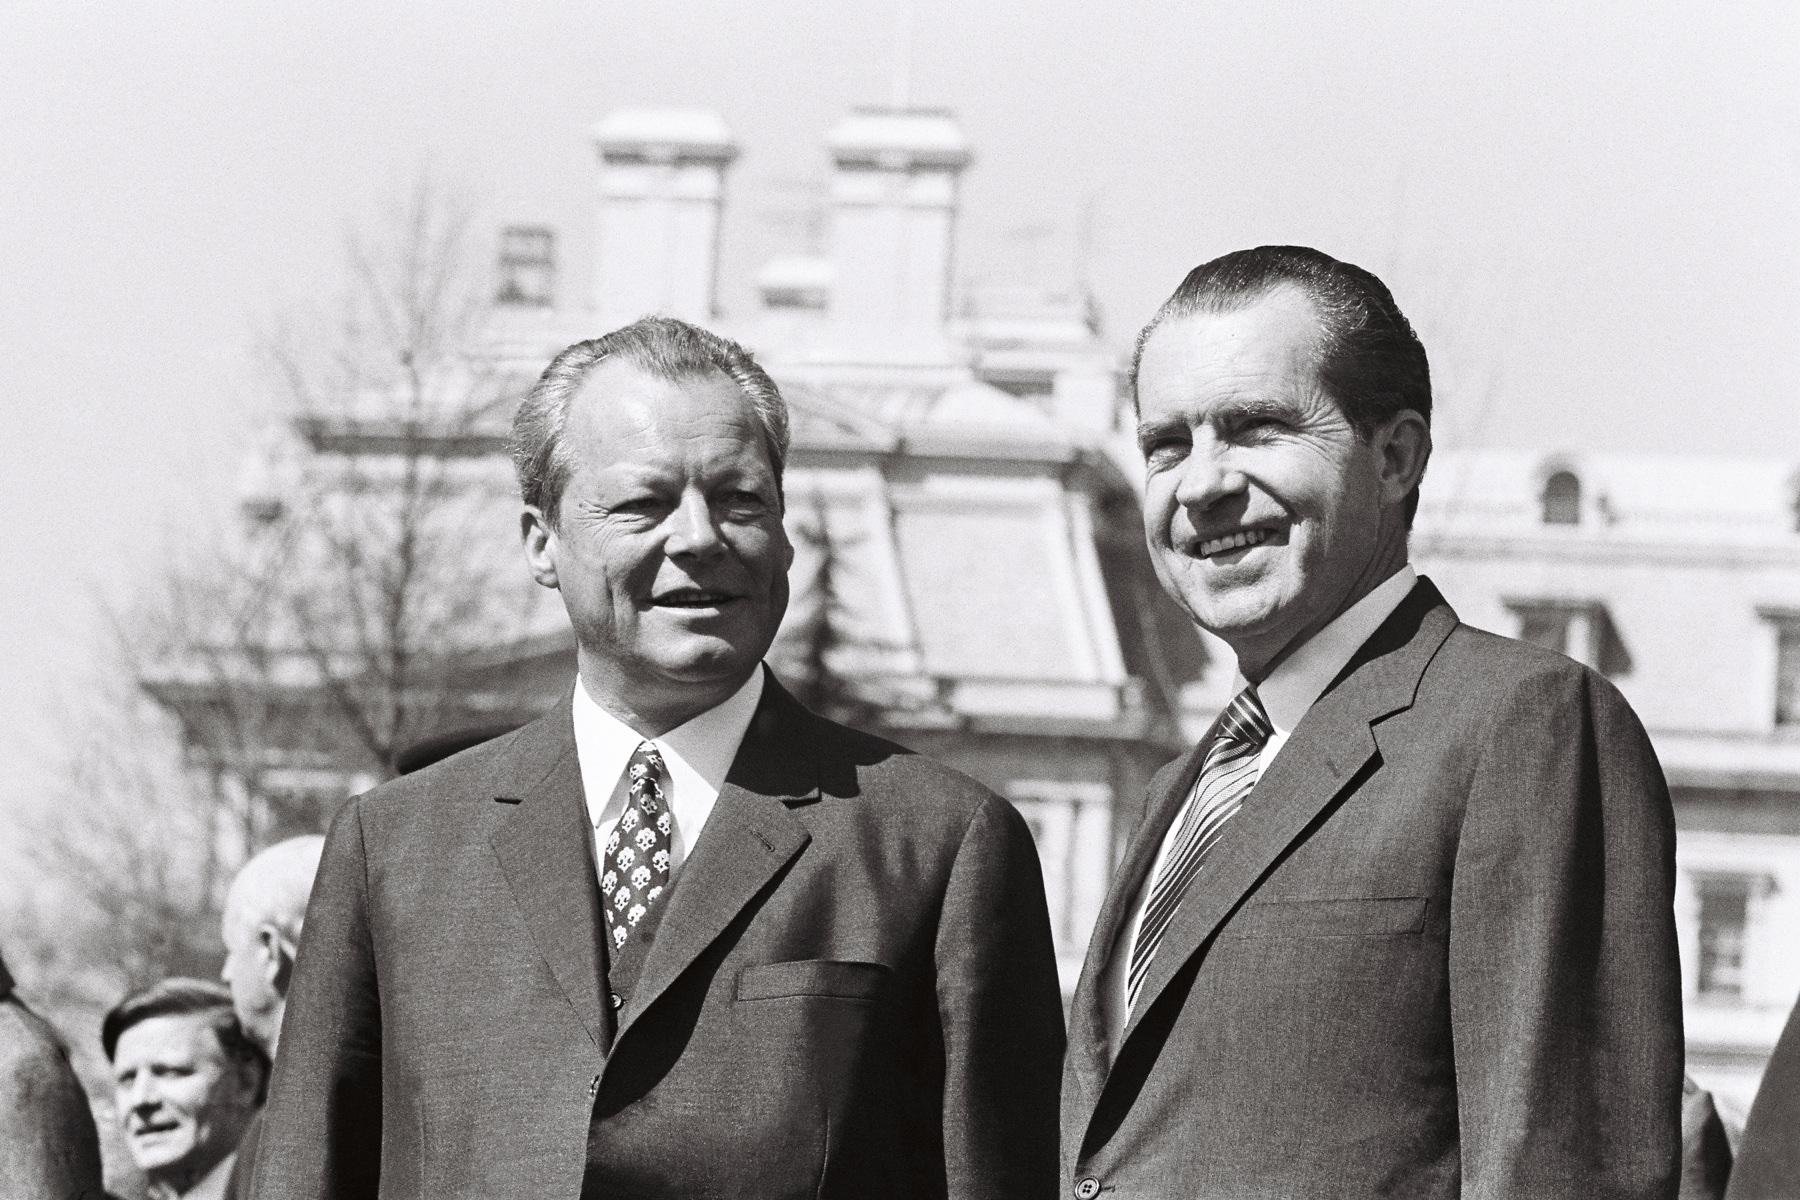 und bundeskanzler willy brandt in washington dc 10 april 1970 bundesregierungengelbert reineke - Willy Brandt Lebenslauf